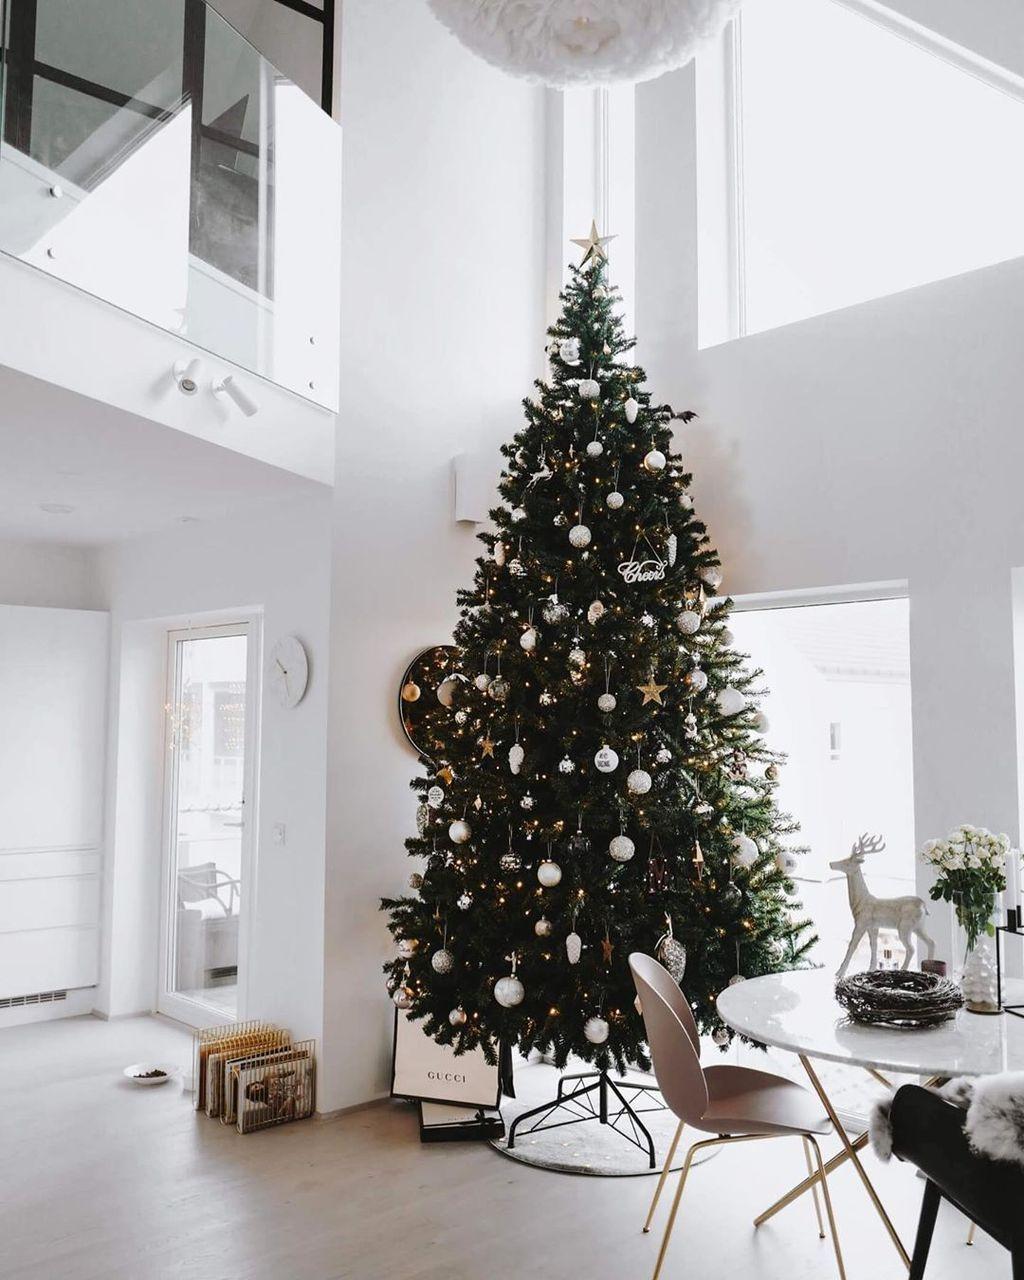 33 Amazing Scandinavian Style Christmas Living Room Decor Christmas Decorations Living Room Christmas Living Rooms Scandinavian Christmas Decorations